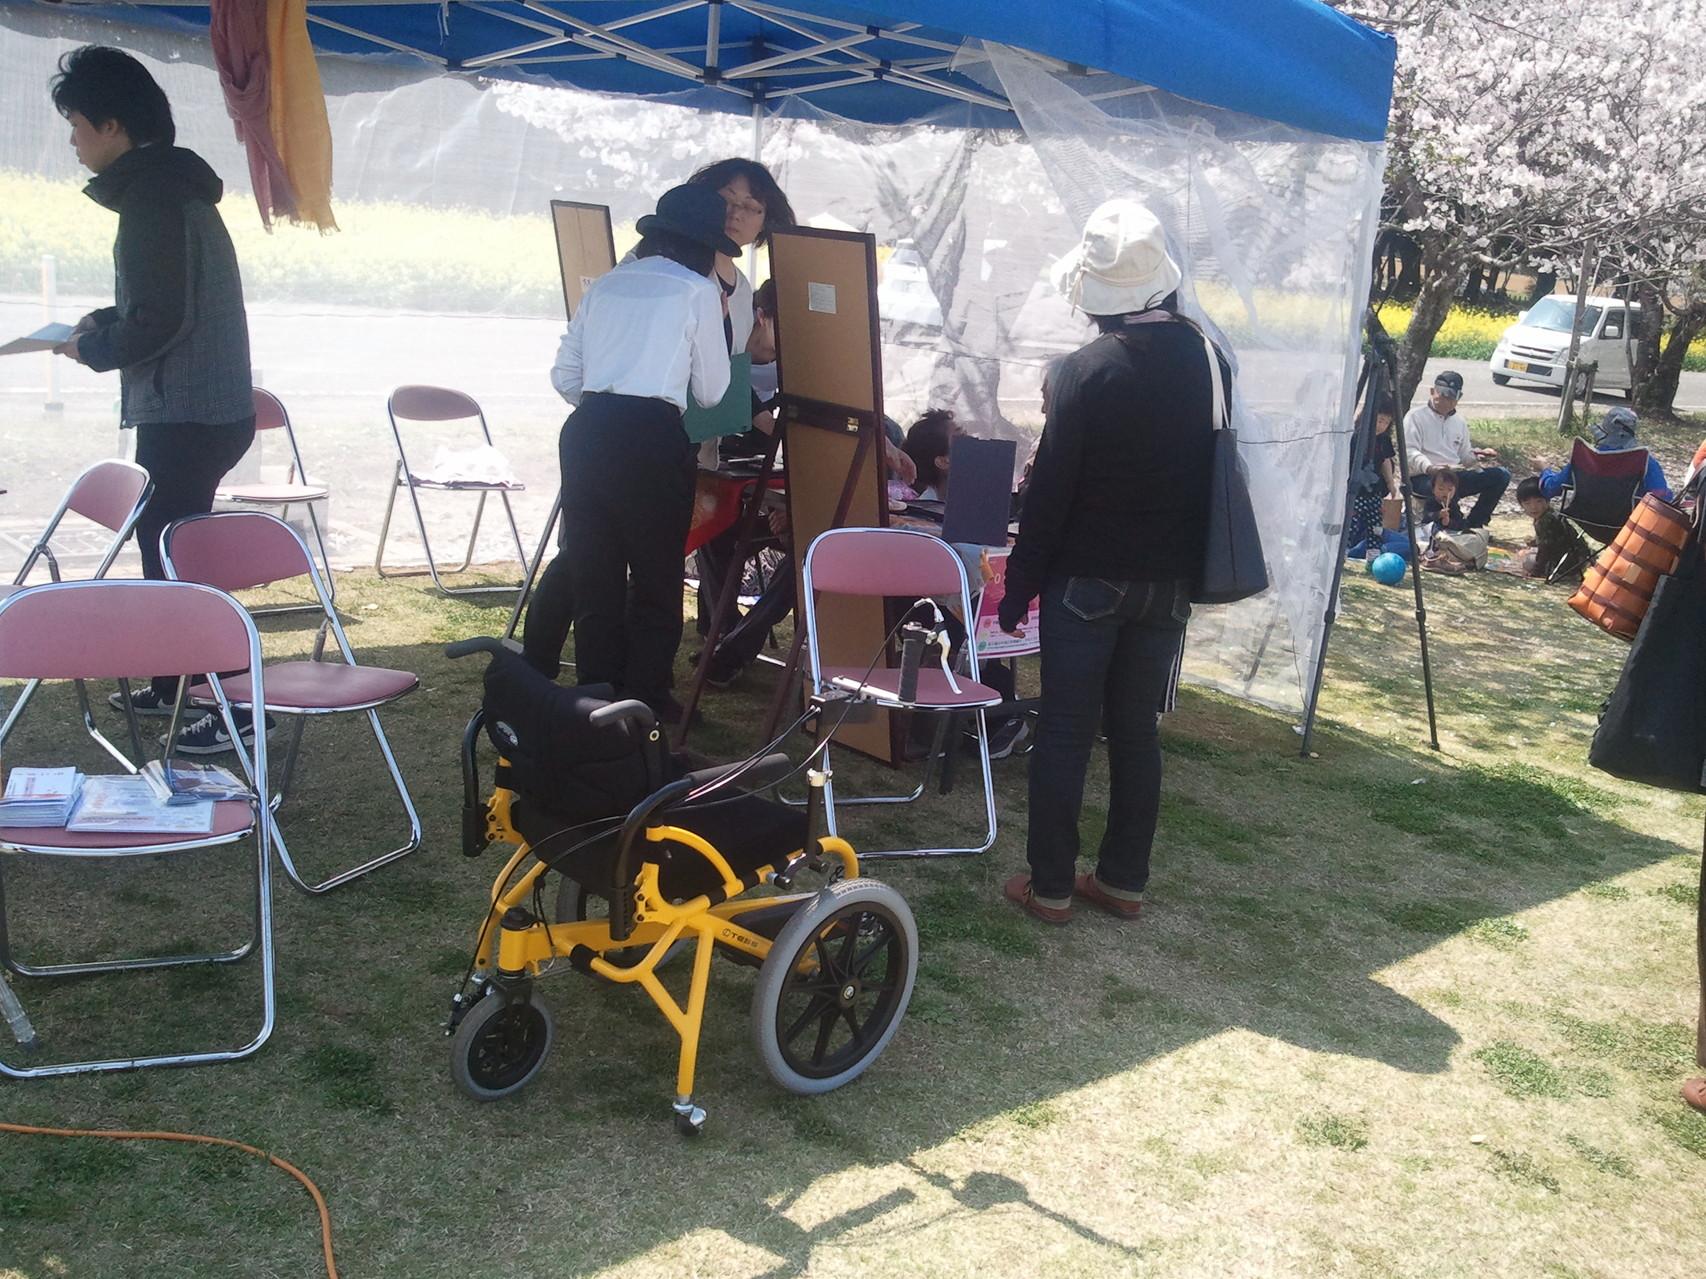 イベントで足こぎ車椅子黄色を展示